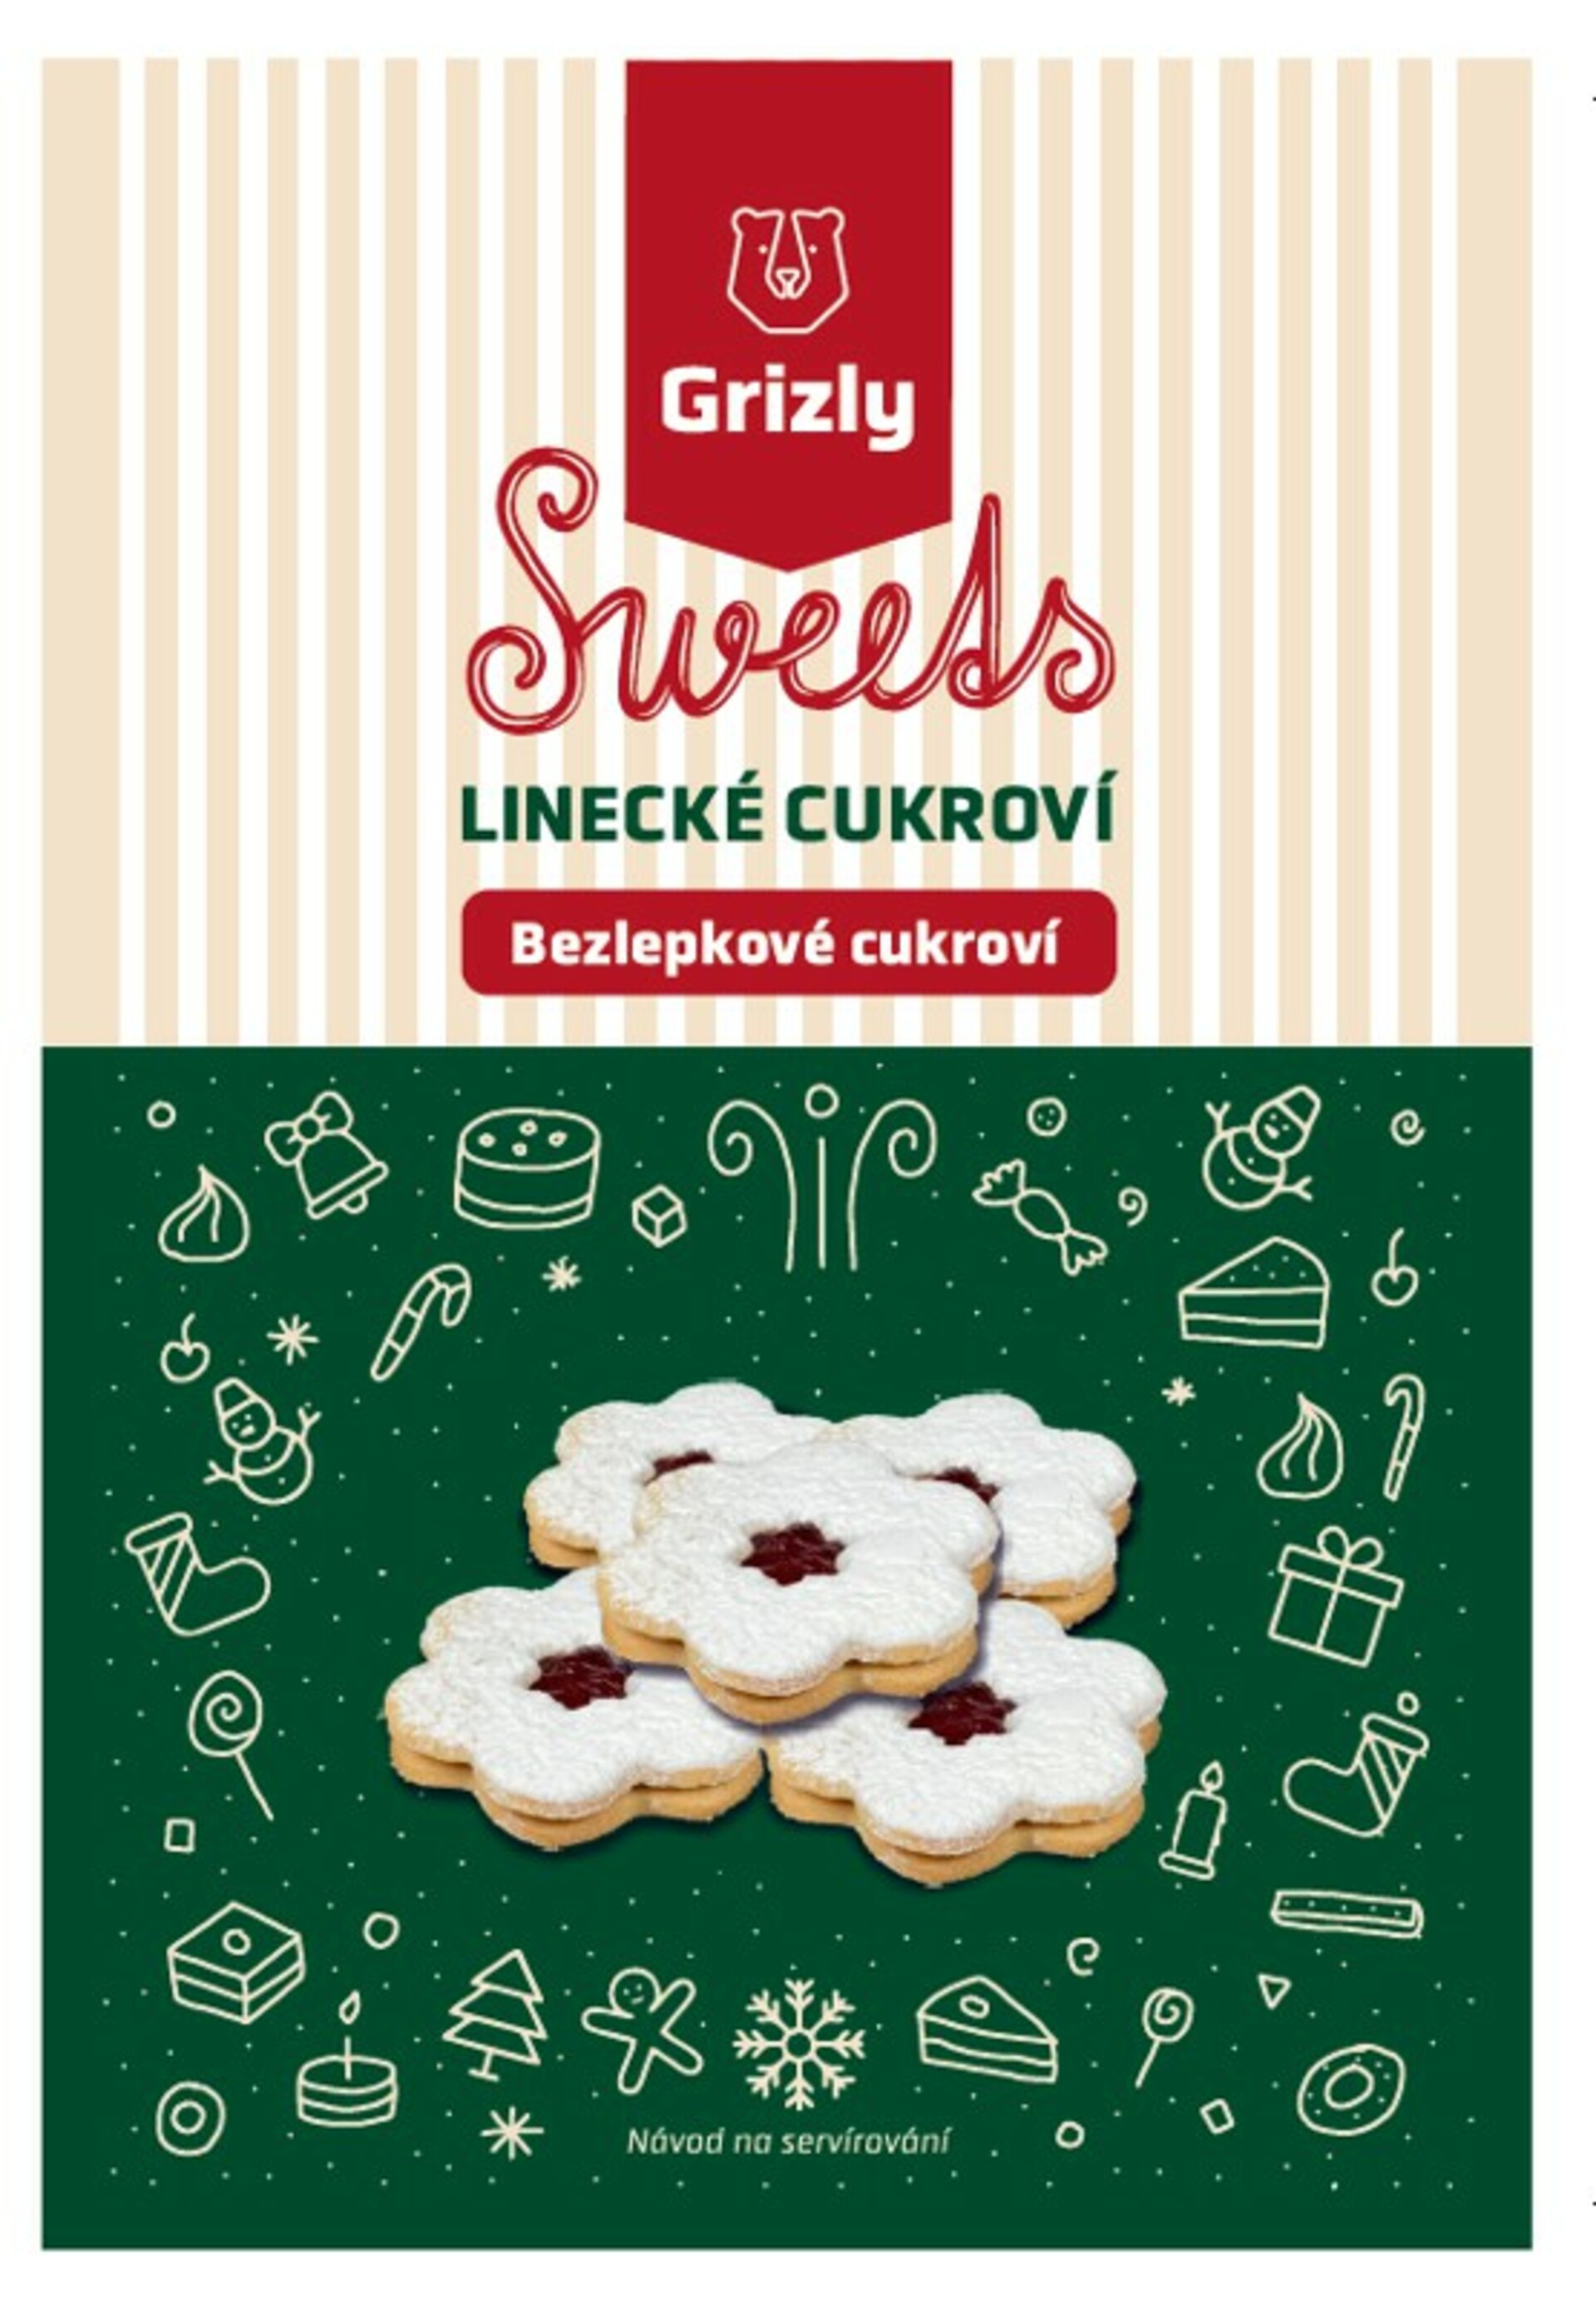 GRIZLY Sweets Směs na linecké cukroví bezlepkové 400 g